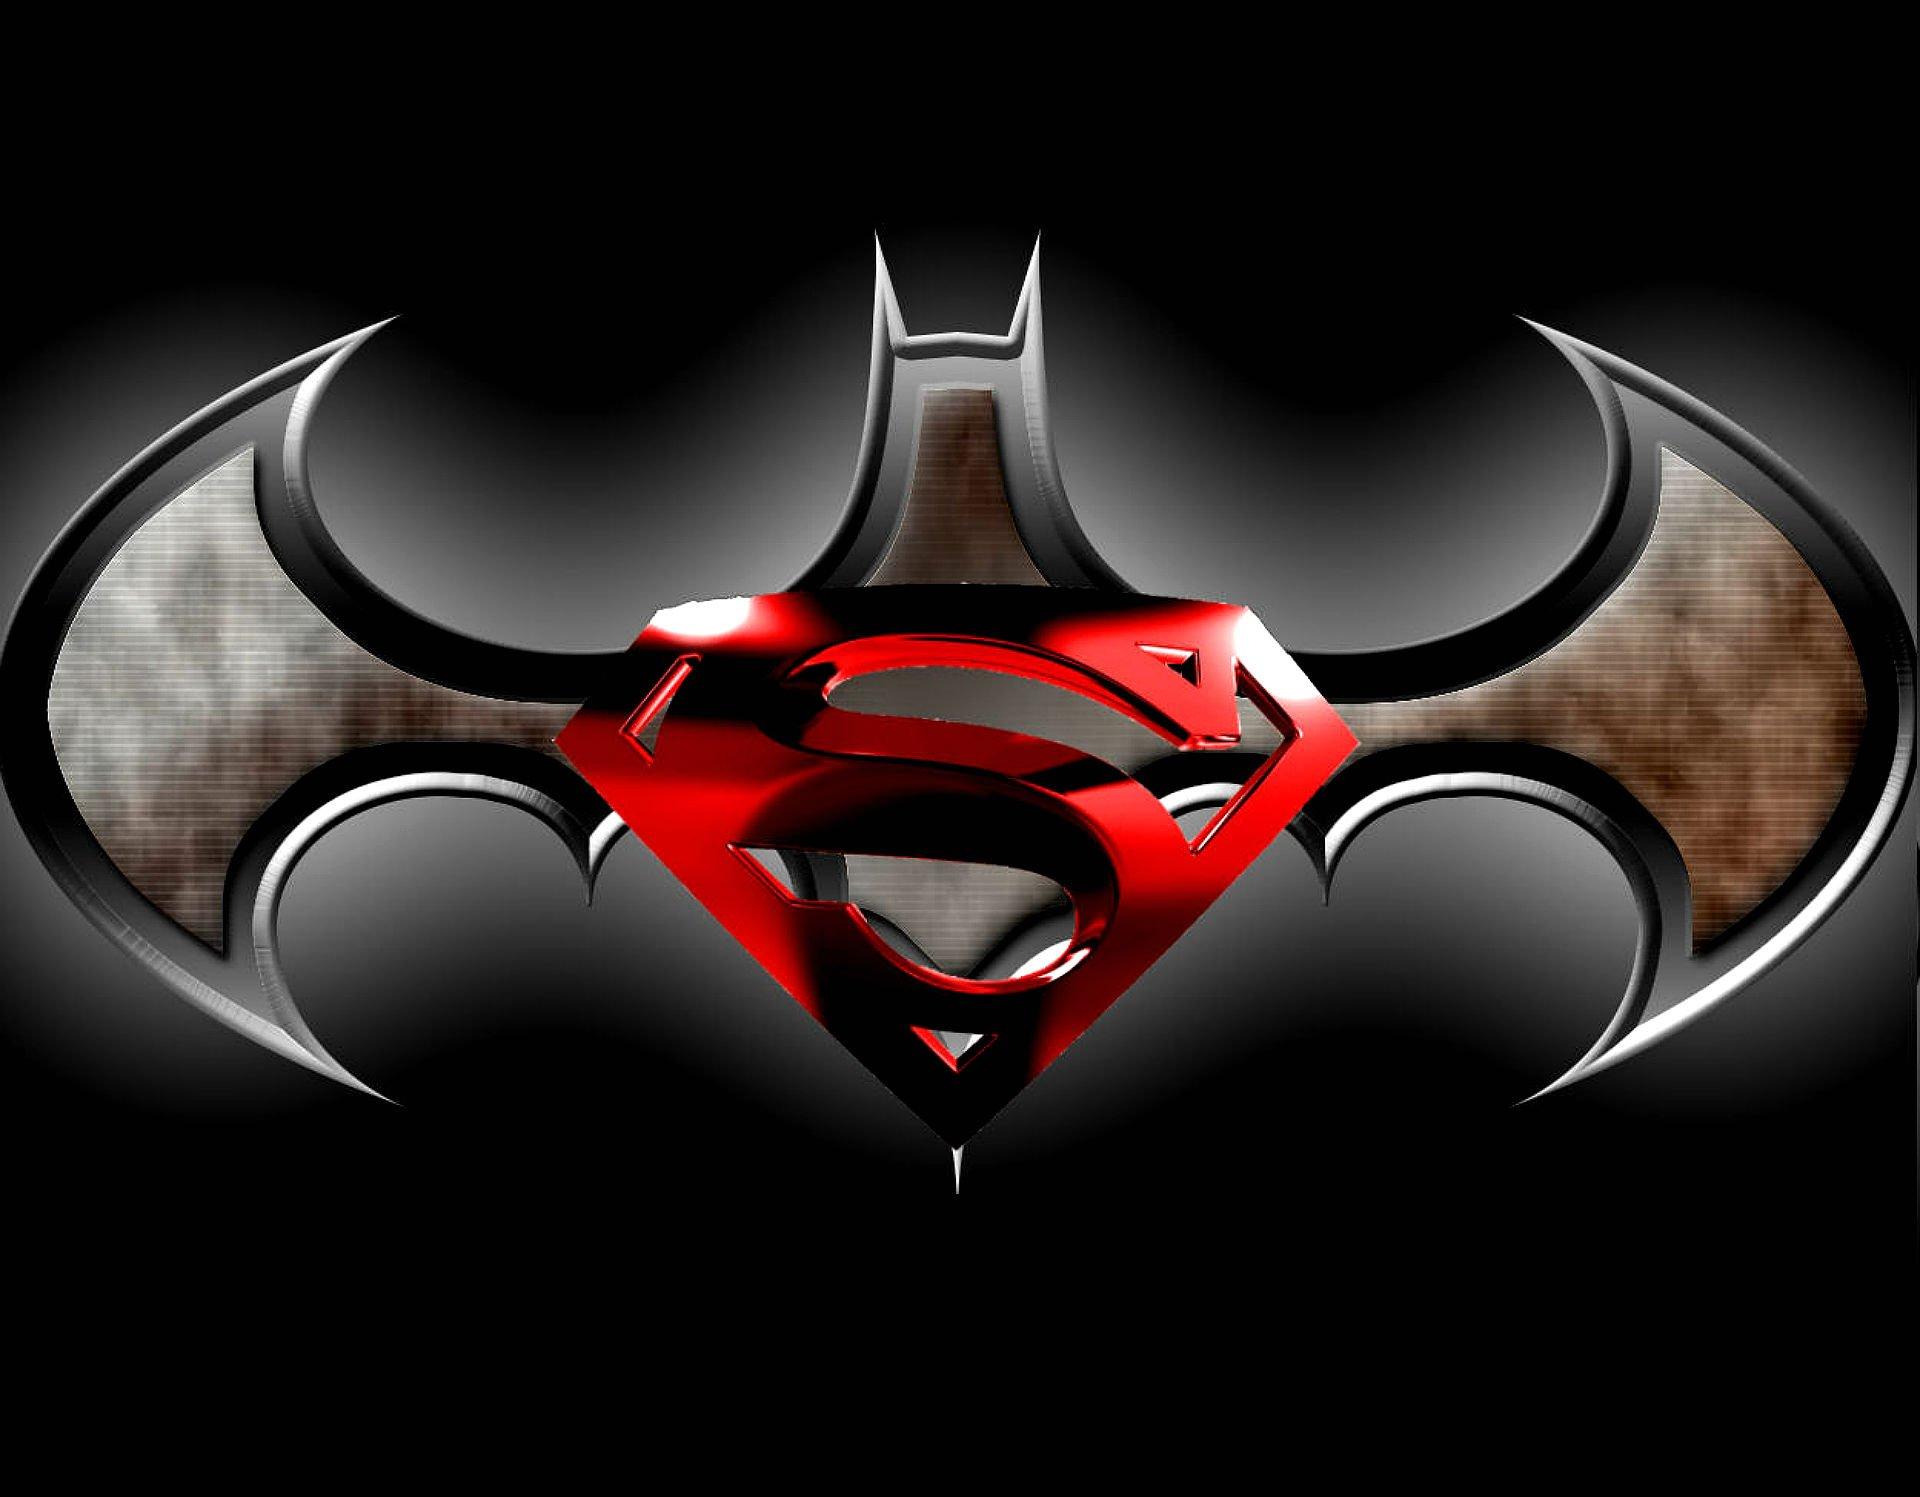 BATMAN V SUPERMAN Adventure Action Dc Comics D C Superman Batman Dark Knight Superhero Dawn Justice 72 Wallpaper